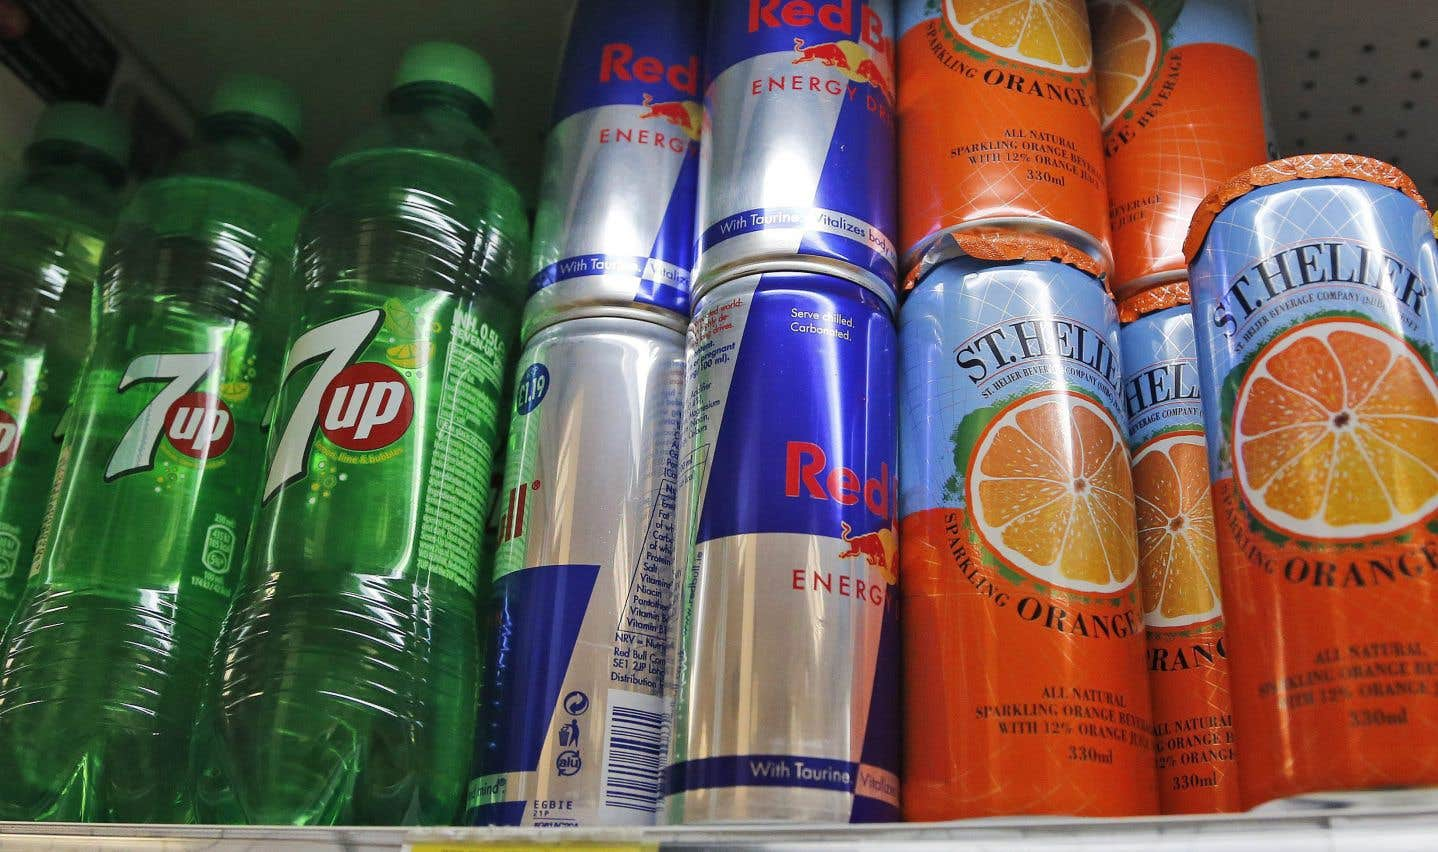 Ottawa veut changer l'emballage des aliments pour faciliter les choix santé